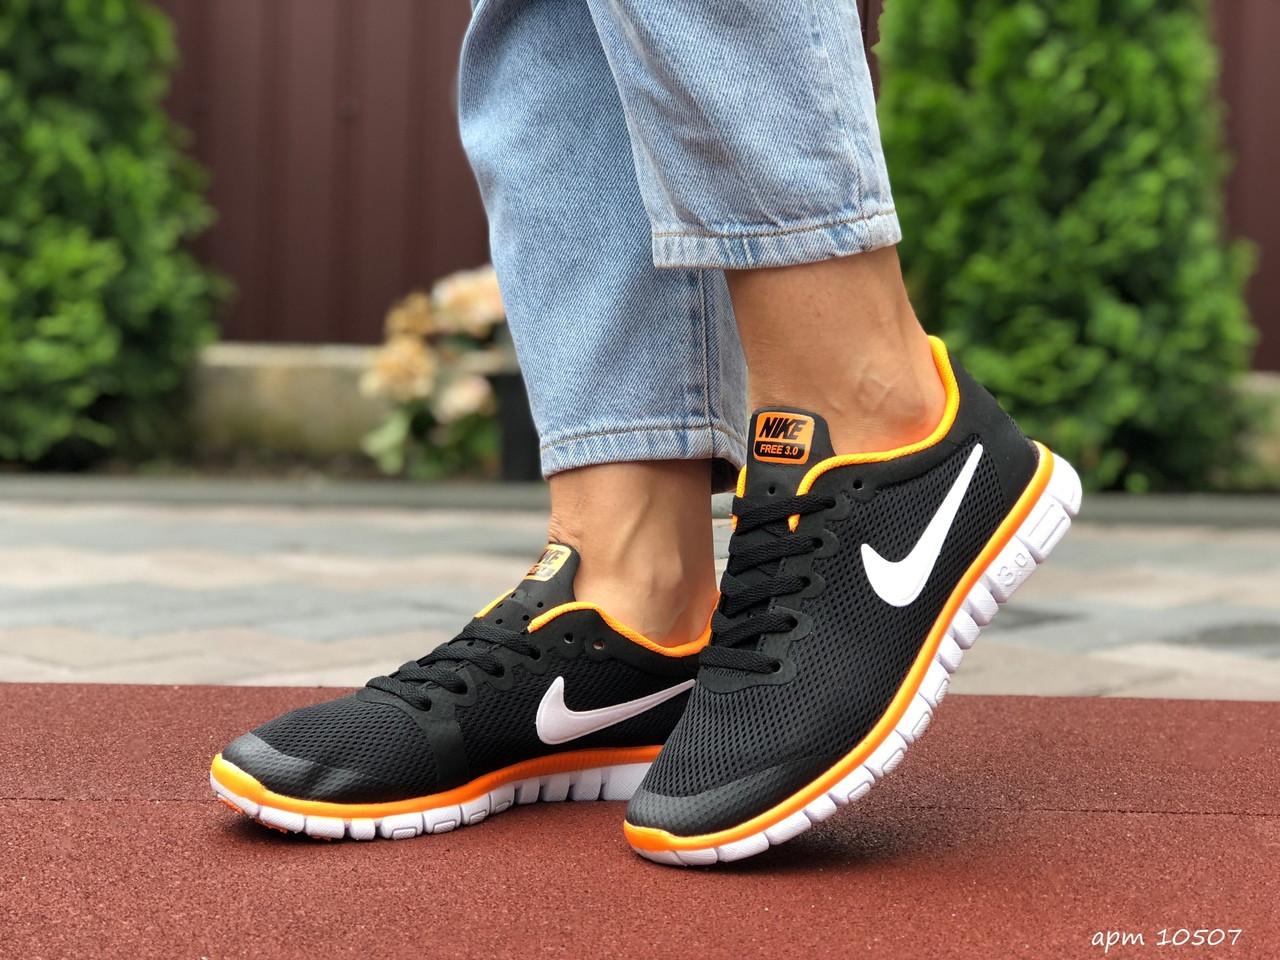 Женские летние, легкие кроссовки Nike Free Run 3.0 черные